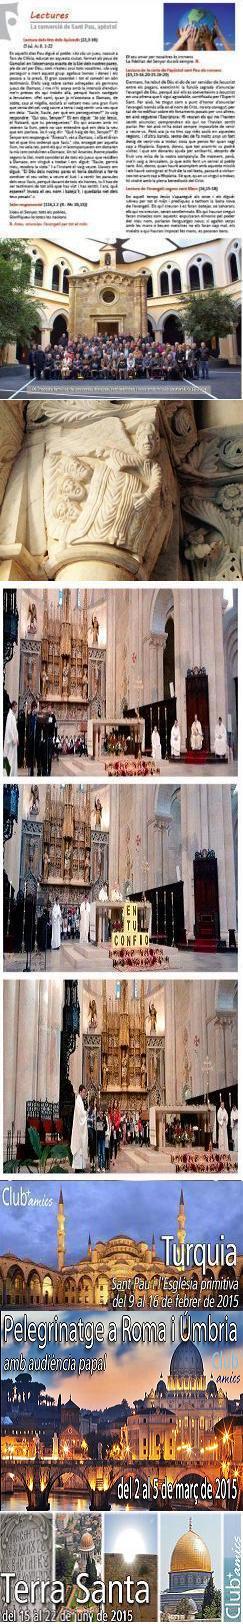 20150203193839-liturgia-de-la-conversion-jesuitica-25-1-2015-.jpg